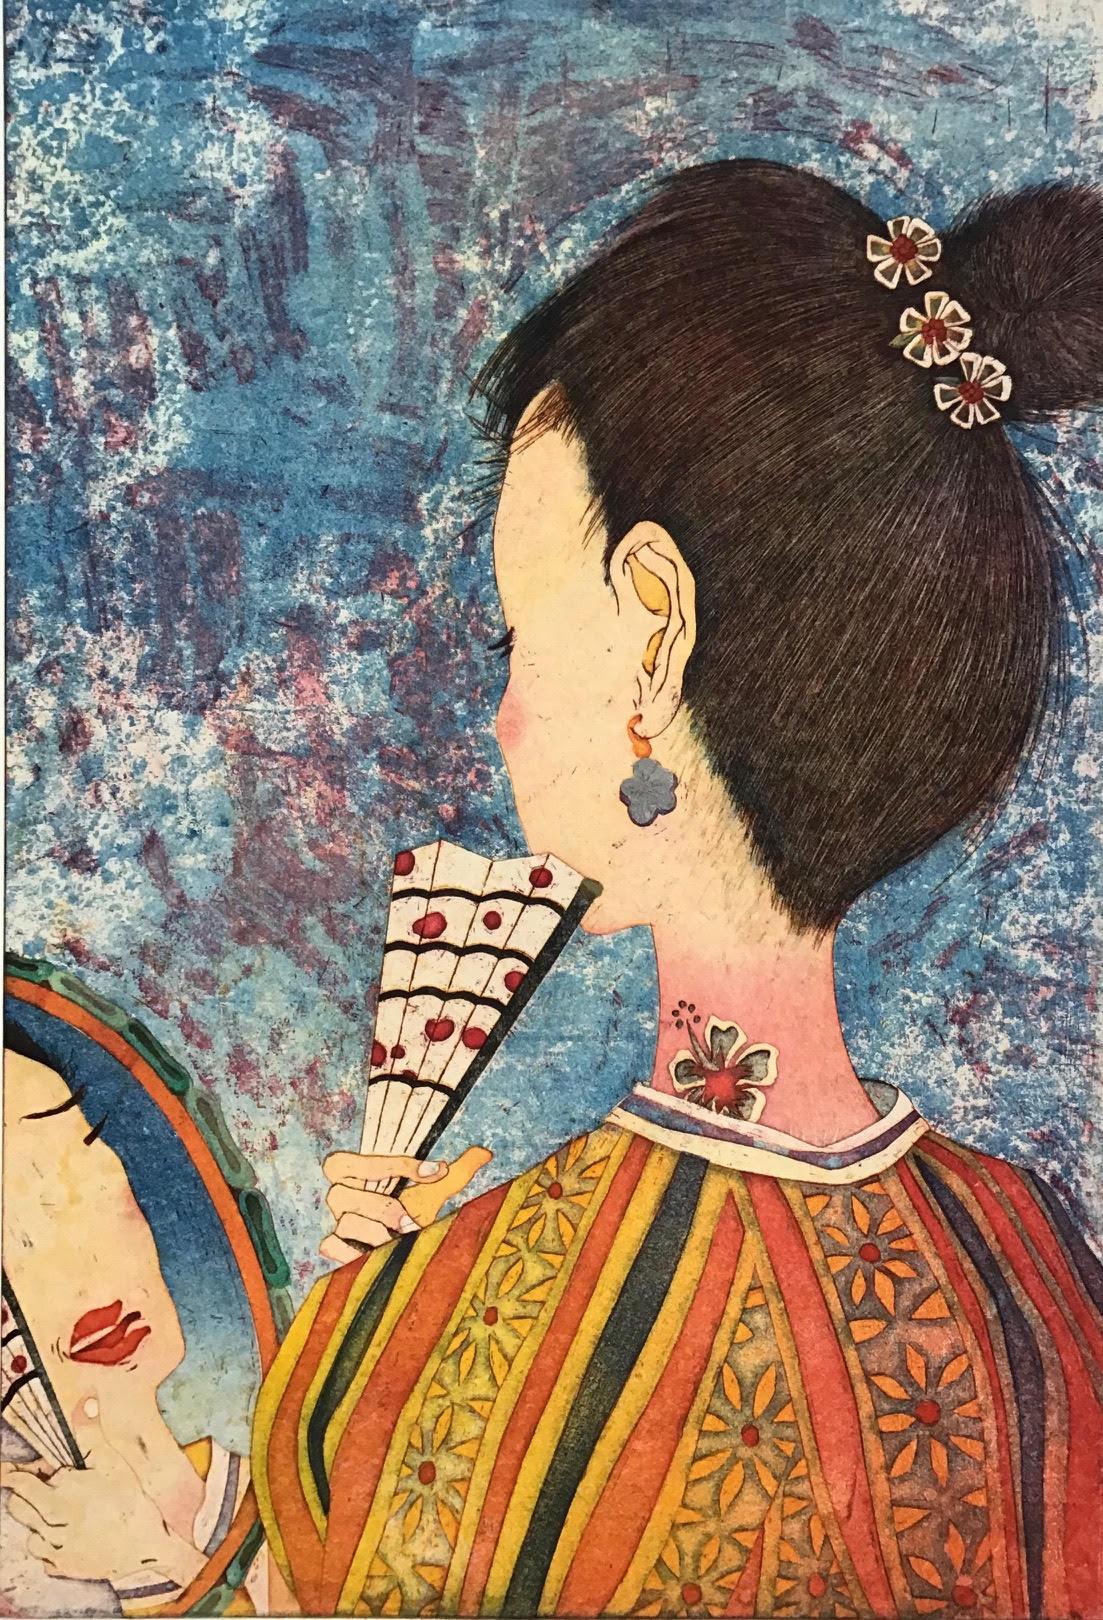 HIRATSUKA Yuji